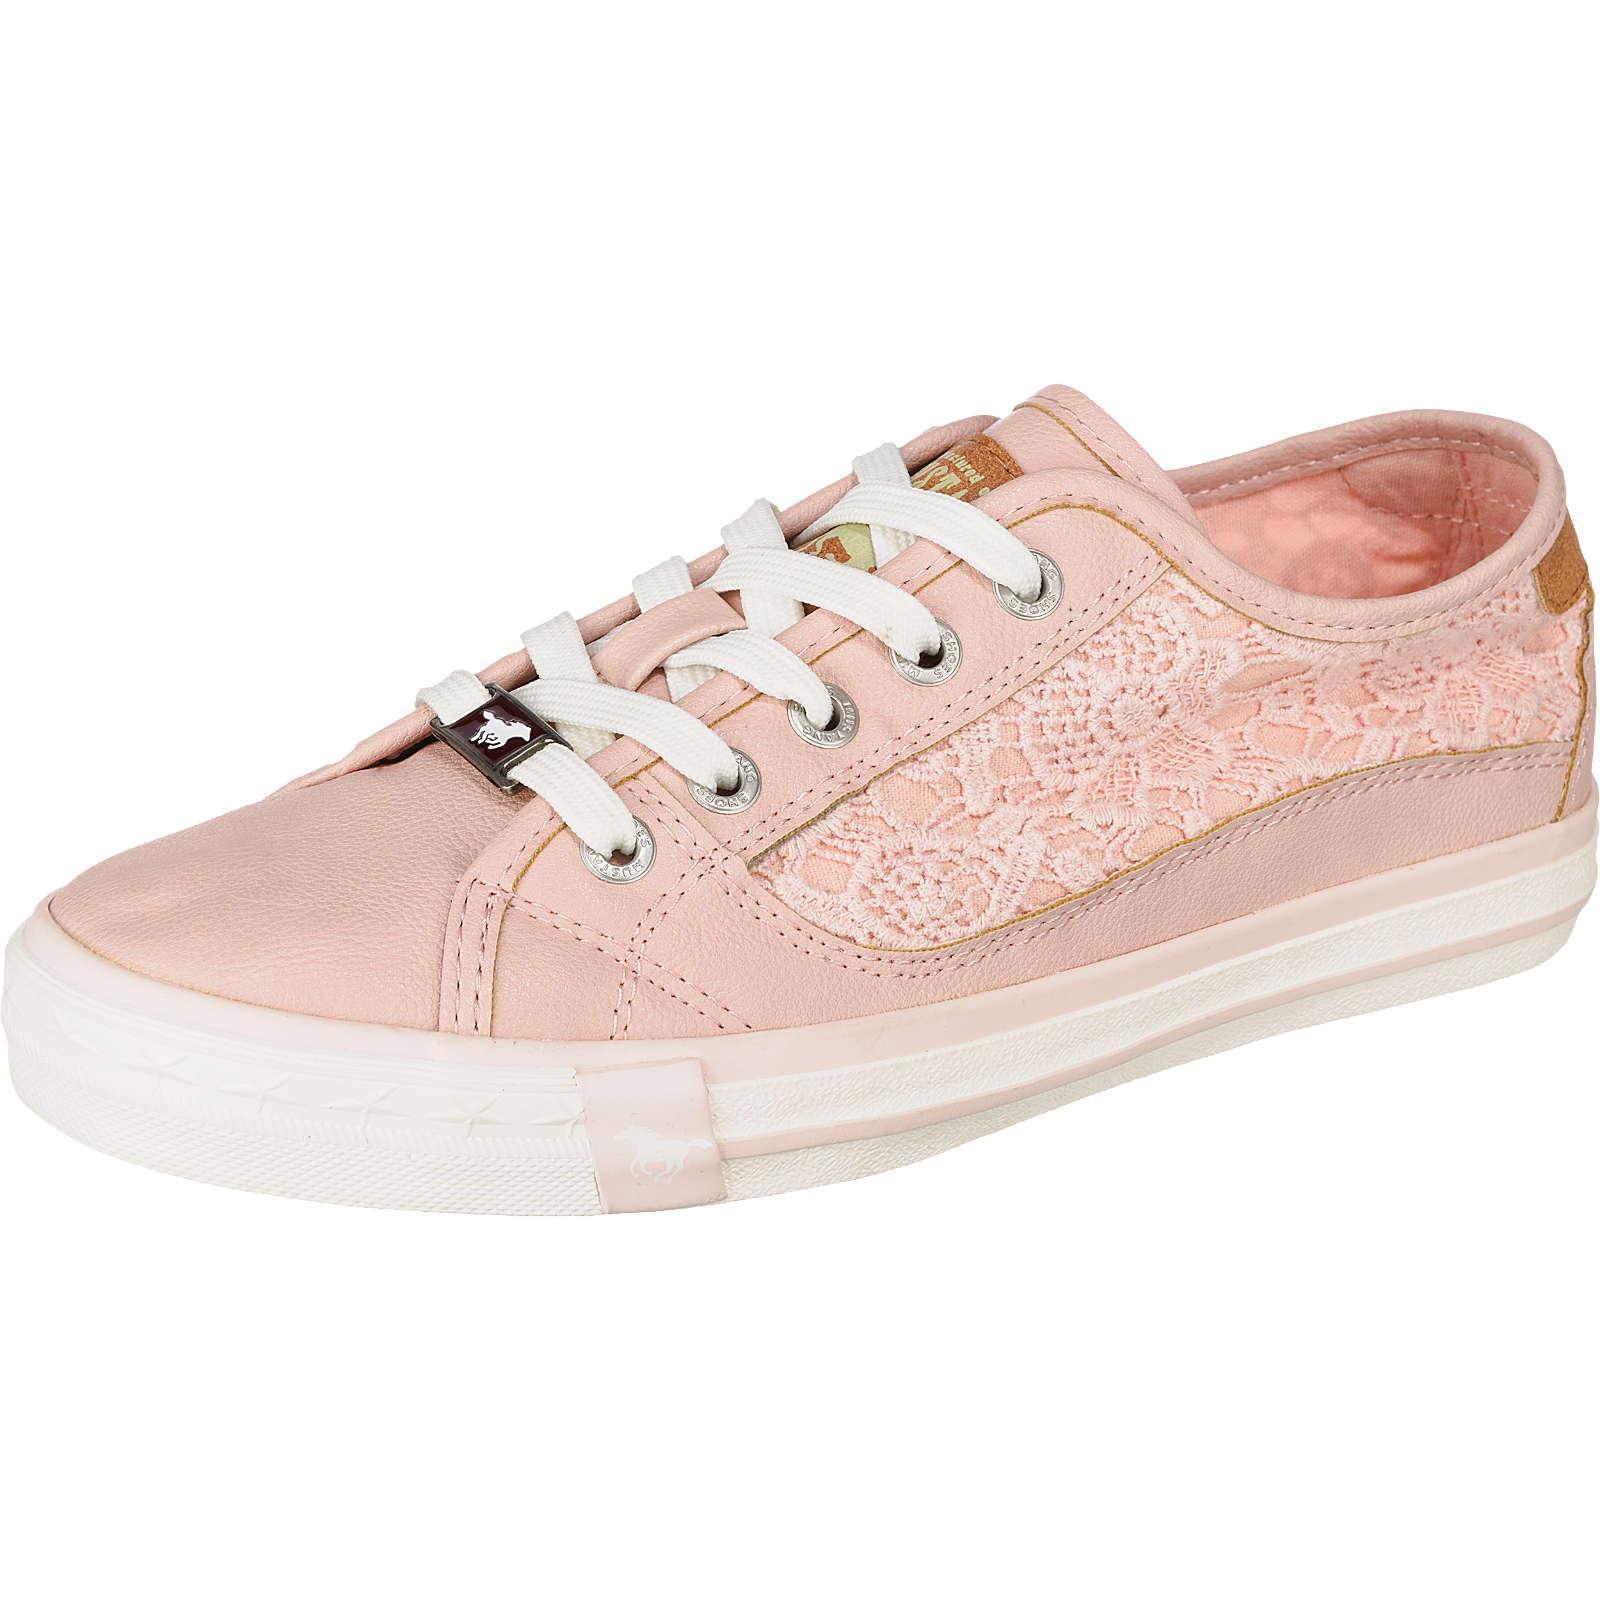 MUSTANG Sneakers Low rosa Damen Gr. 40